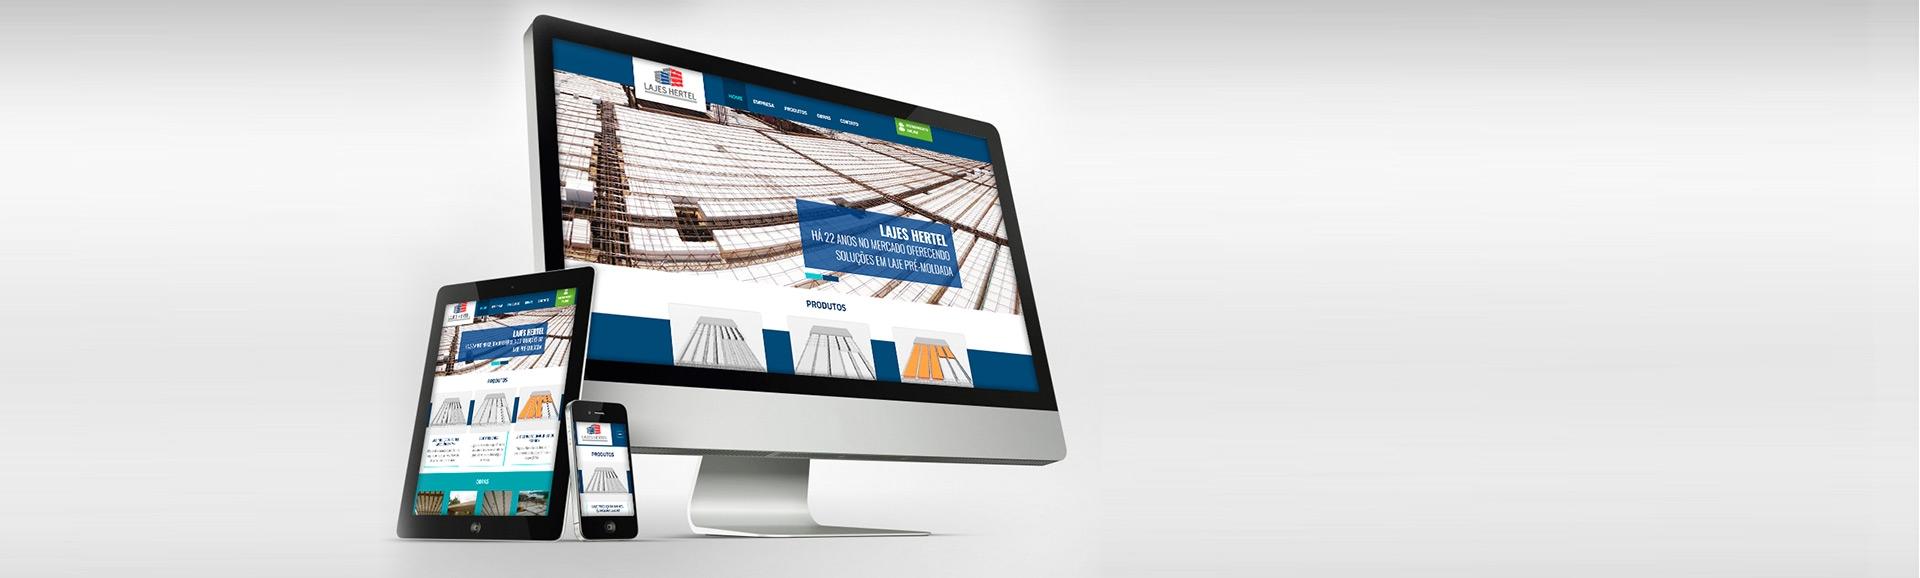 Novo Site no ar - Agora você poderá conferir nossos produtos e conhecer obras que já utilizaram nossas soluções.